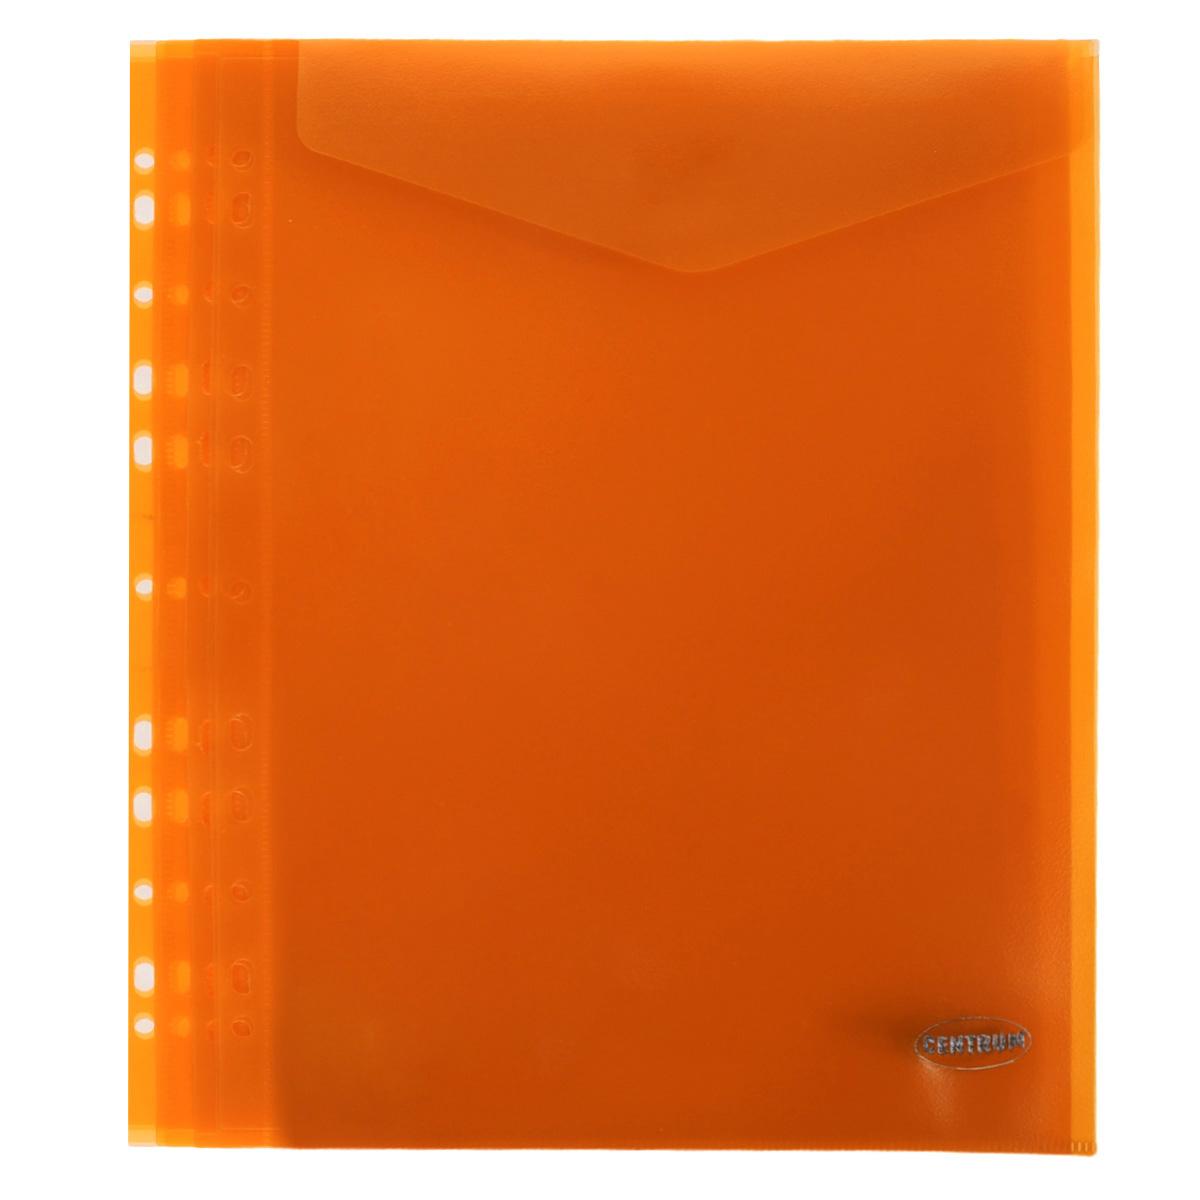 Папка-конверт Centrum, вертикальная, с перфорацией, цвет: оранжевый. Формат А4, 10 шт80630_орнажевыйПапка-конверт Centrum - это удобный и практичный офисный инструмент, предназначенный для хранения и транспортировки рабочих бумаг и документов формата А4. Папка изготовлена из полупрозрачного матового пластика, имеет перфорацию. В комплект входят 10 папок формата А4. Папка-конверт - это незаменимый атрибут для студента, школьника, офисного работника. Такая папка надежно сохранит ваши документы и сбережет их от повреждений, пыли и влаги.